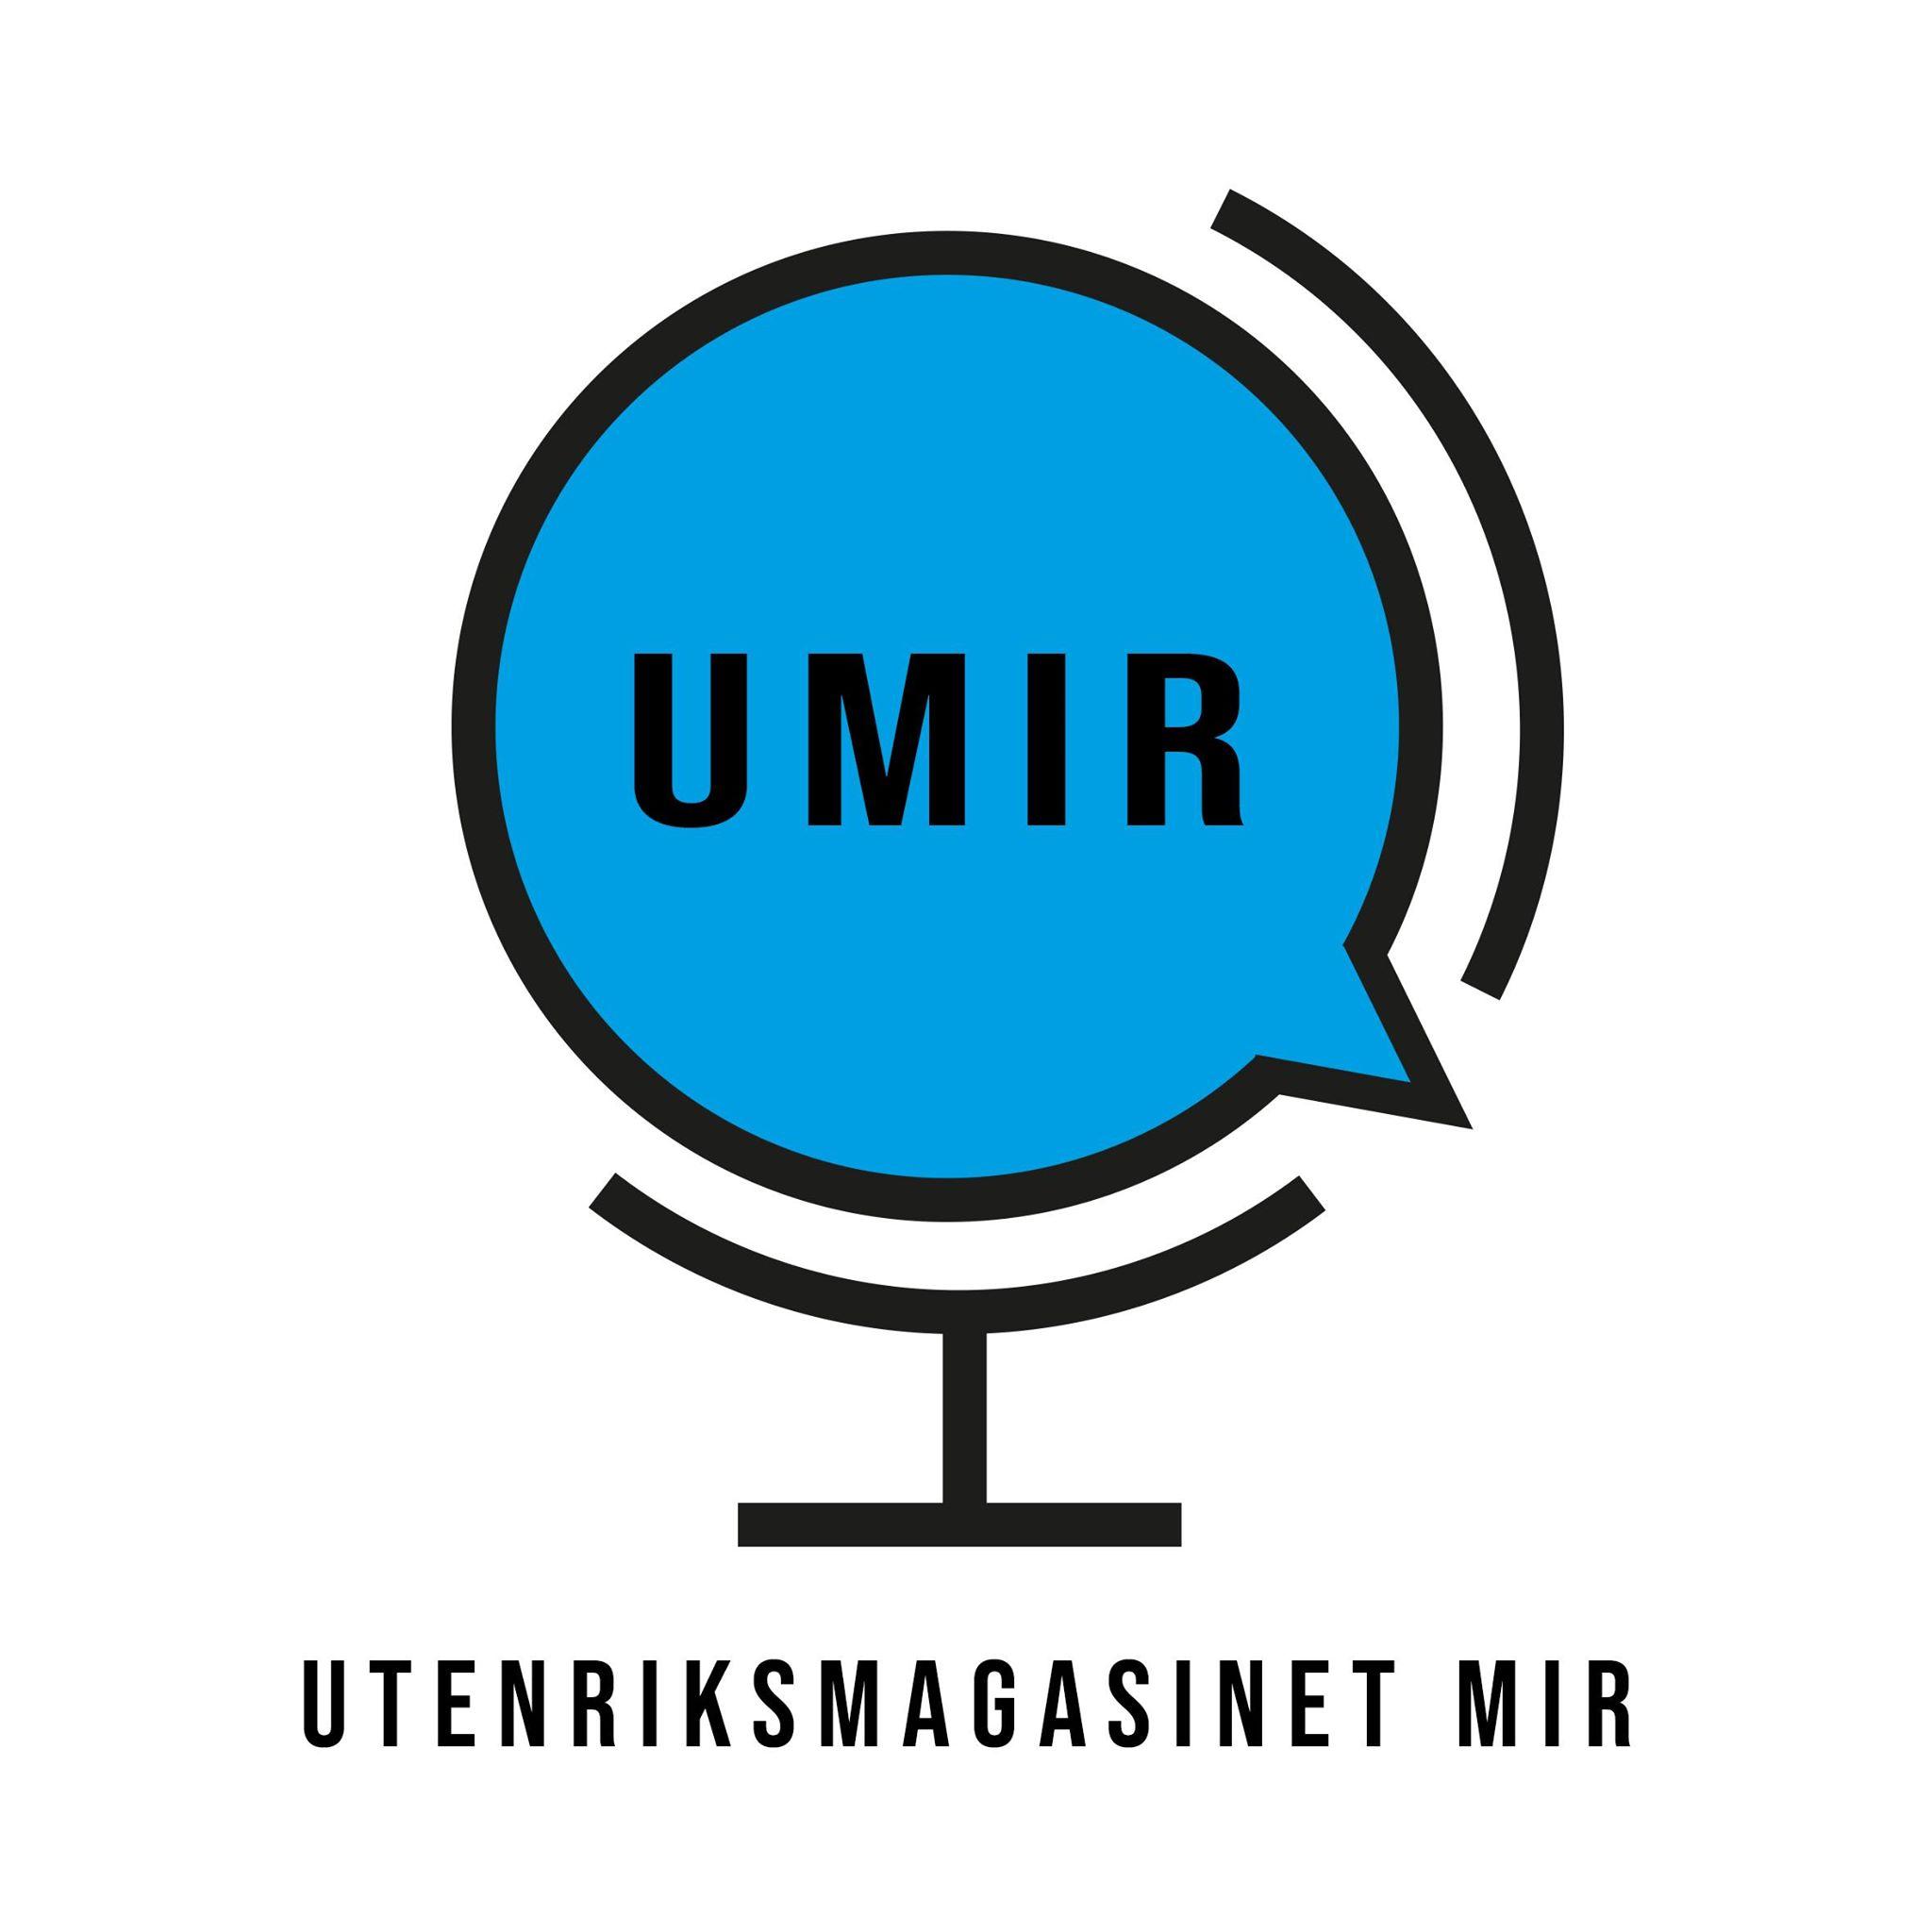 Ny UMIR logo